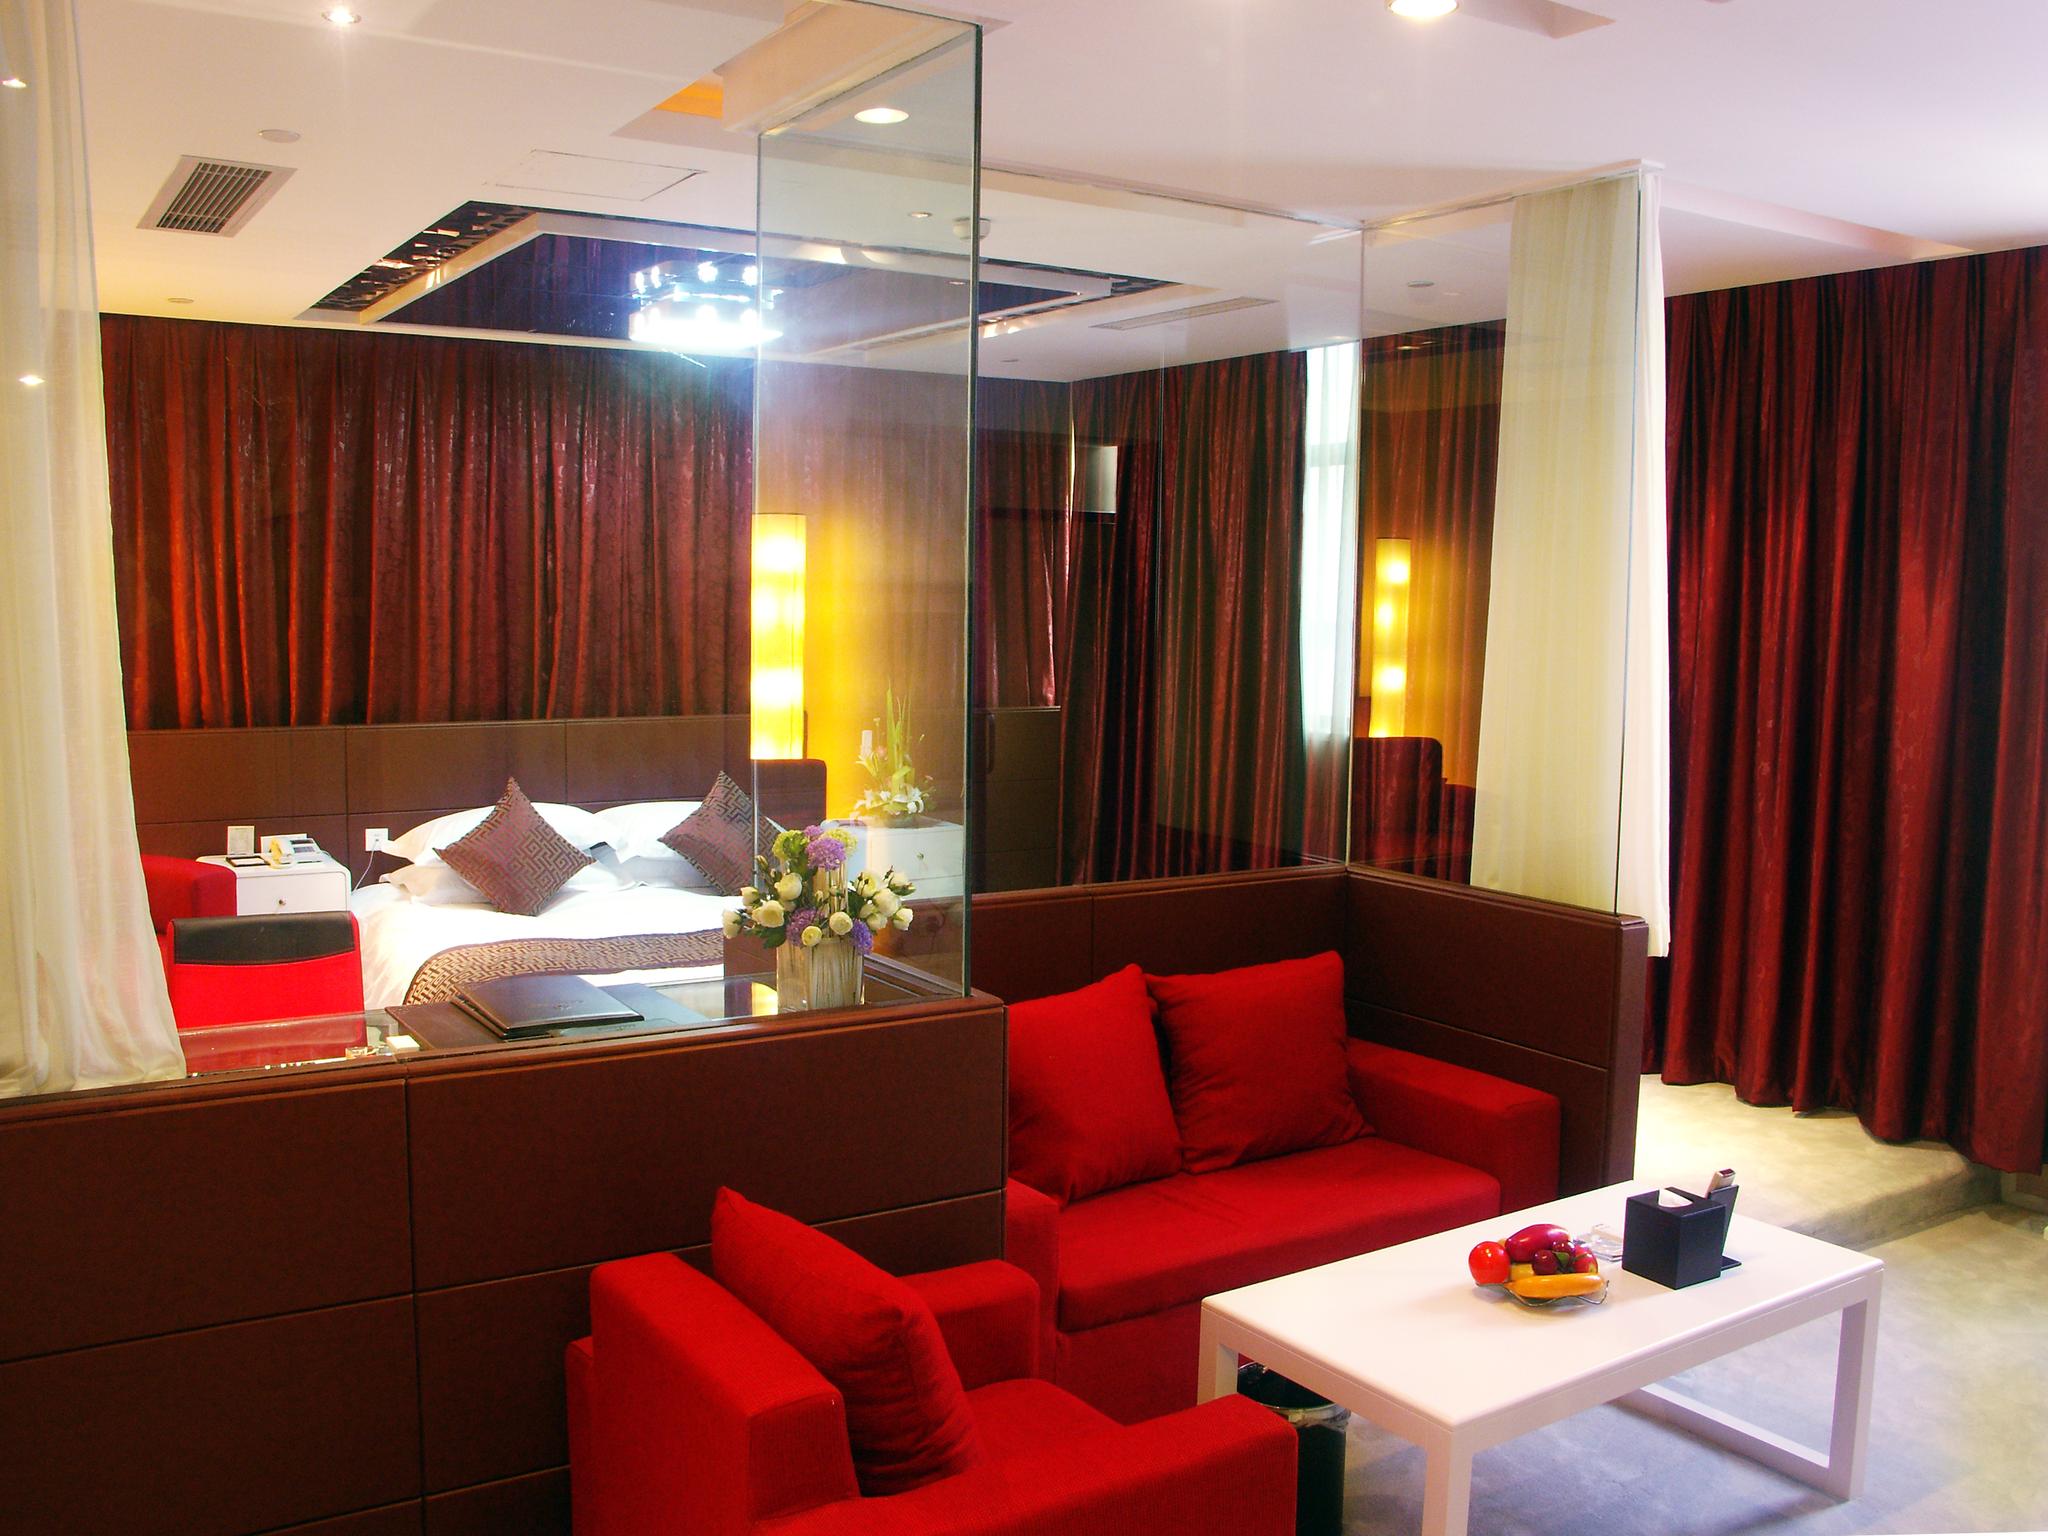 Hangzhou Jiadeng Business Hotel